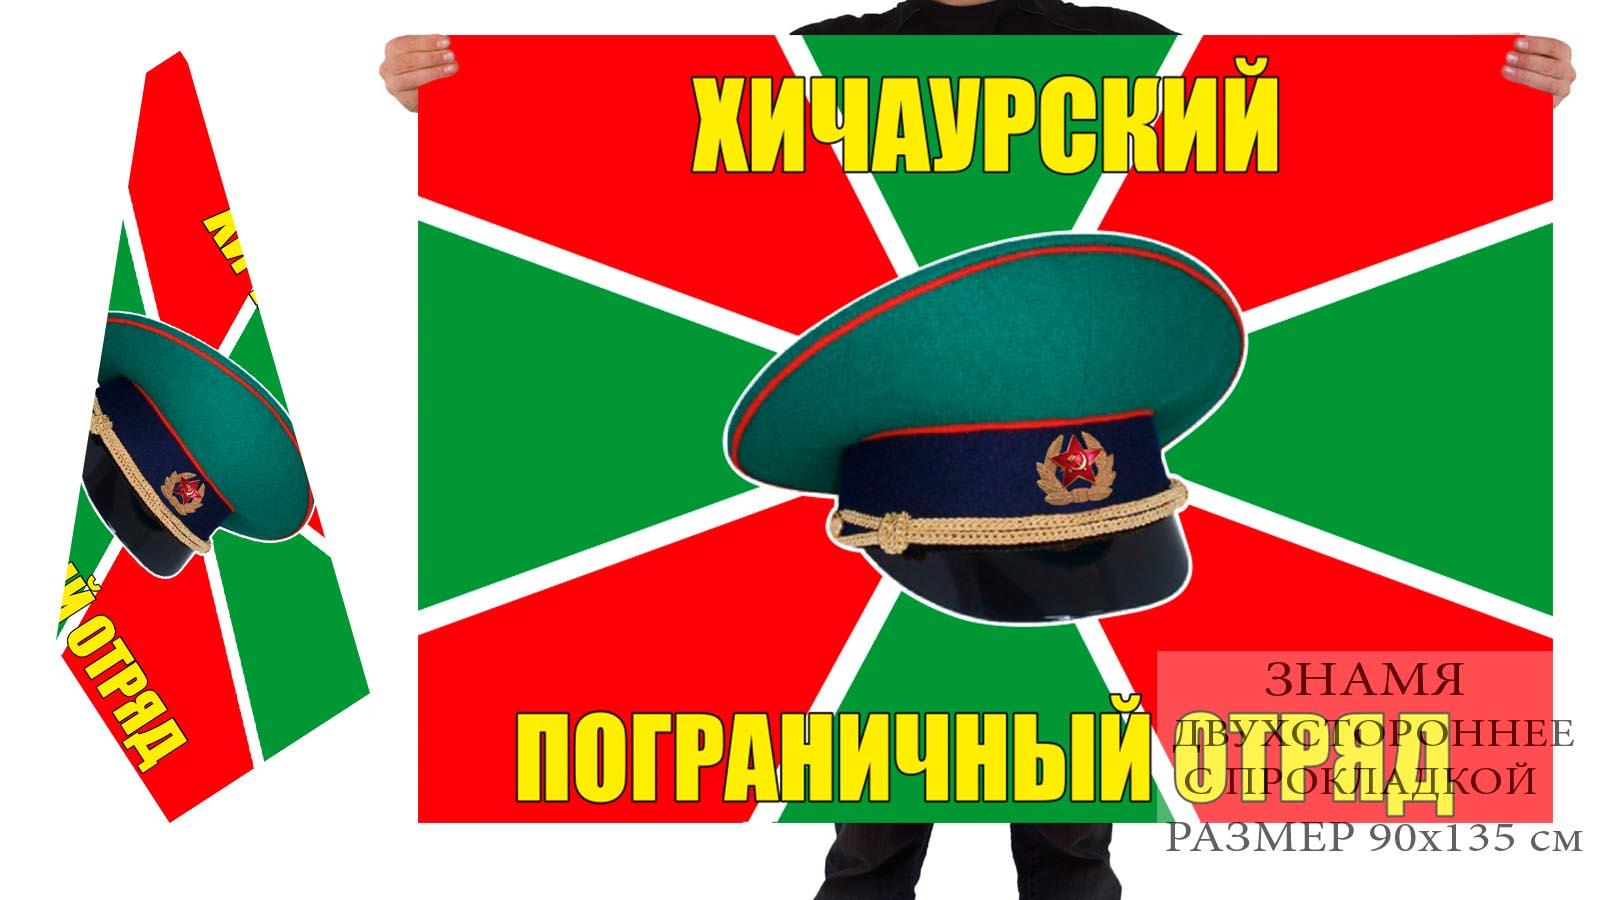 Двусторонний флаг Хичаурского ПогО